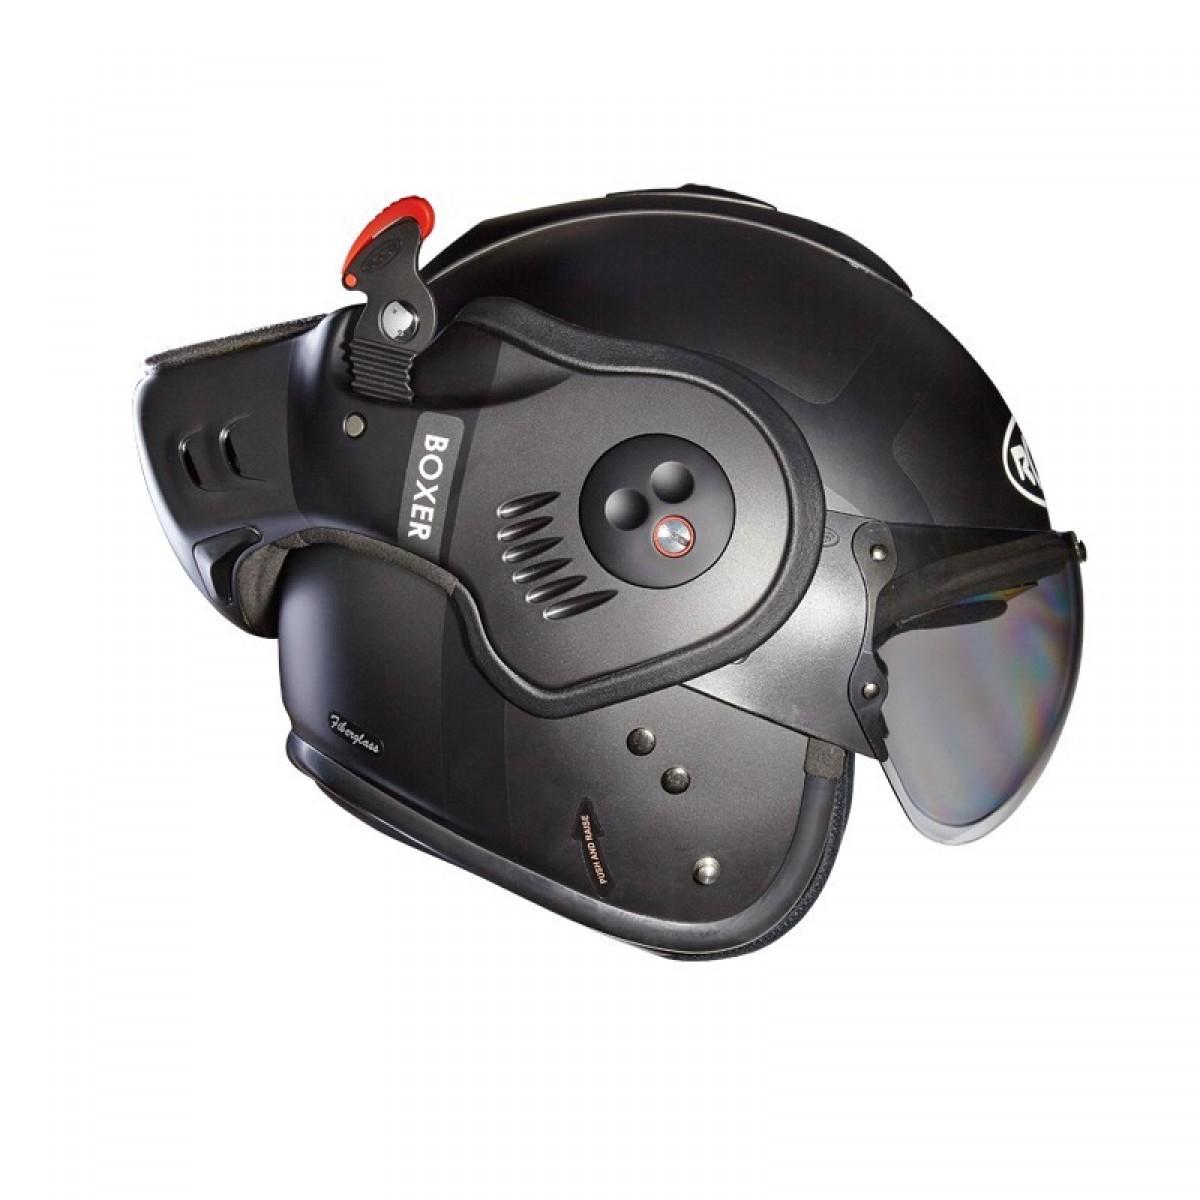 casque moto roof boxer v8 votre site sp cialis dans les accessoires automobiles. Black Bedroom Furniture Sets. Home Design Ideas